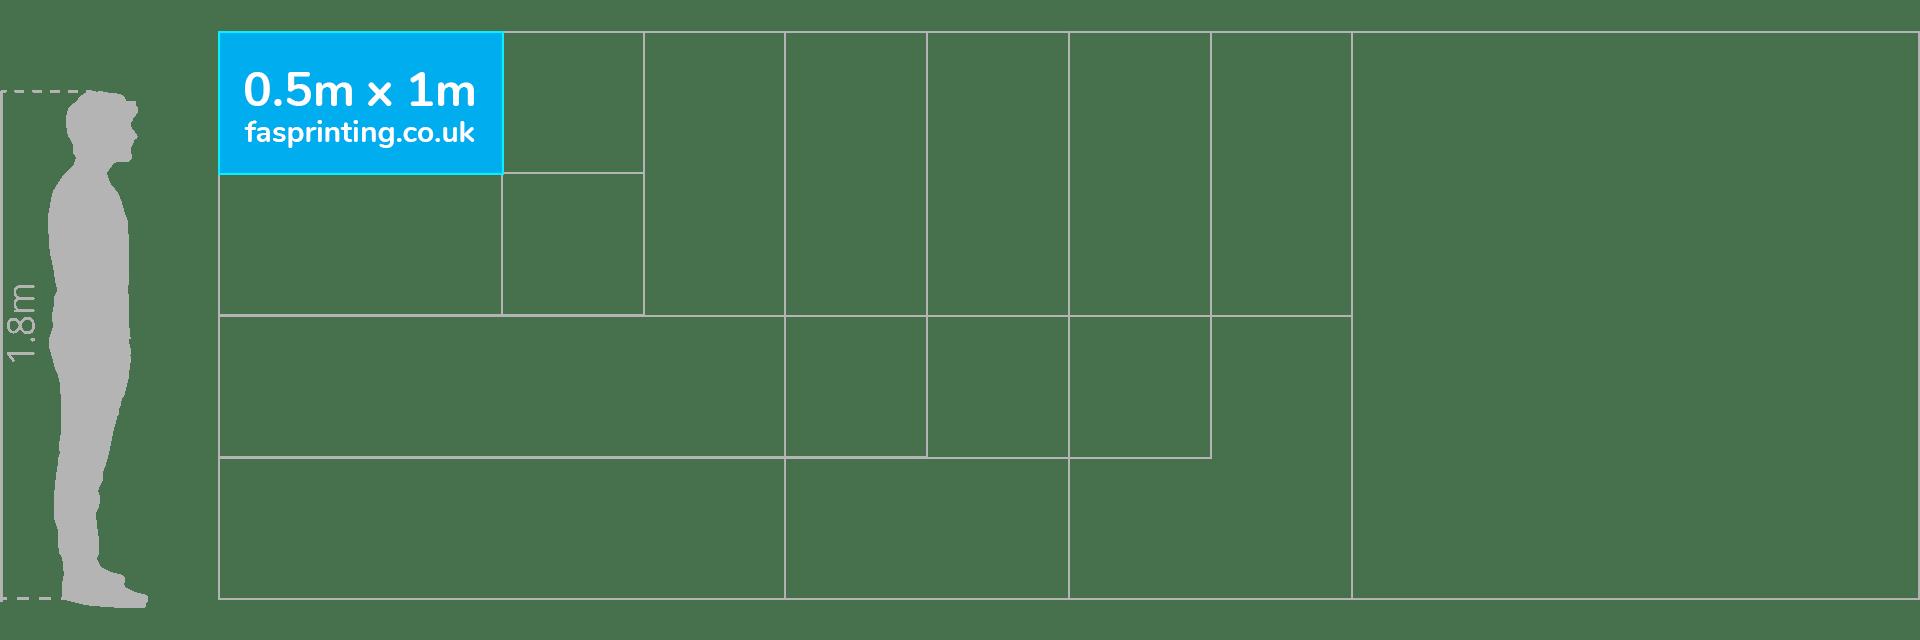 0.5 x 1m Banner